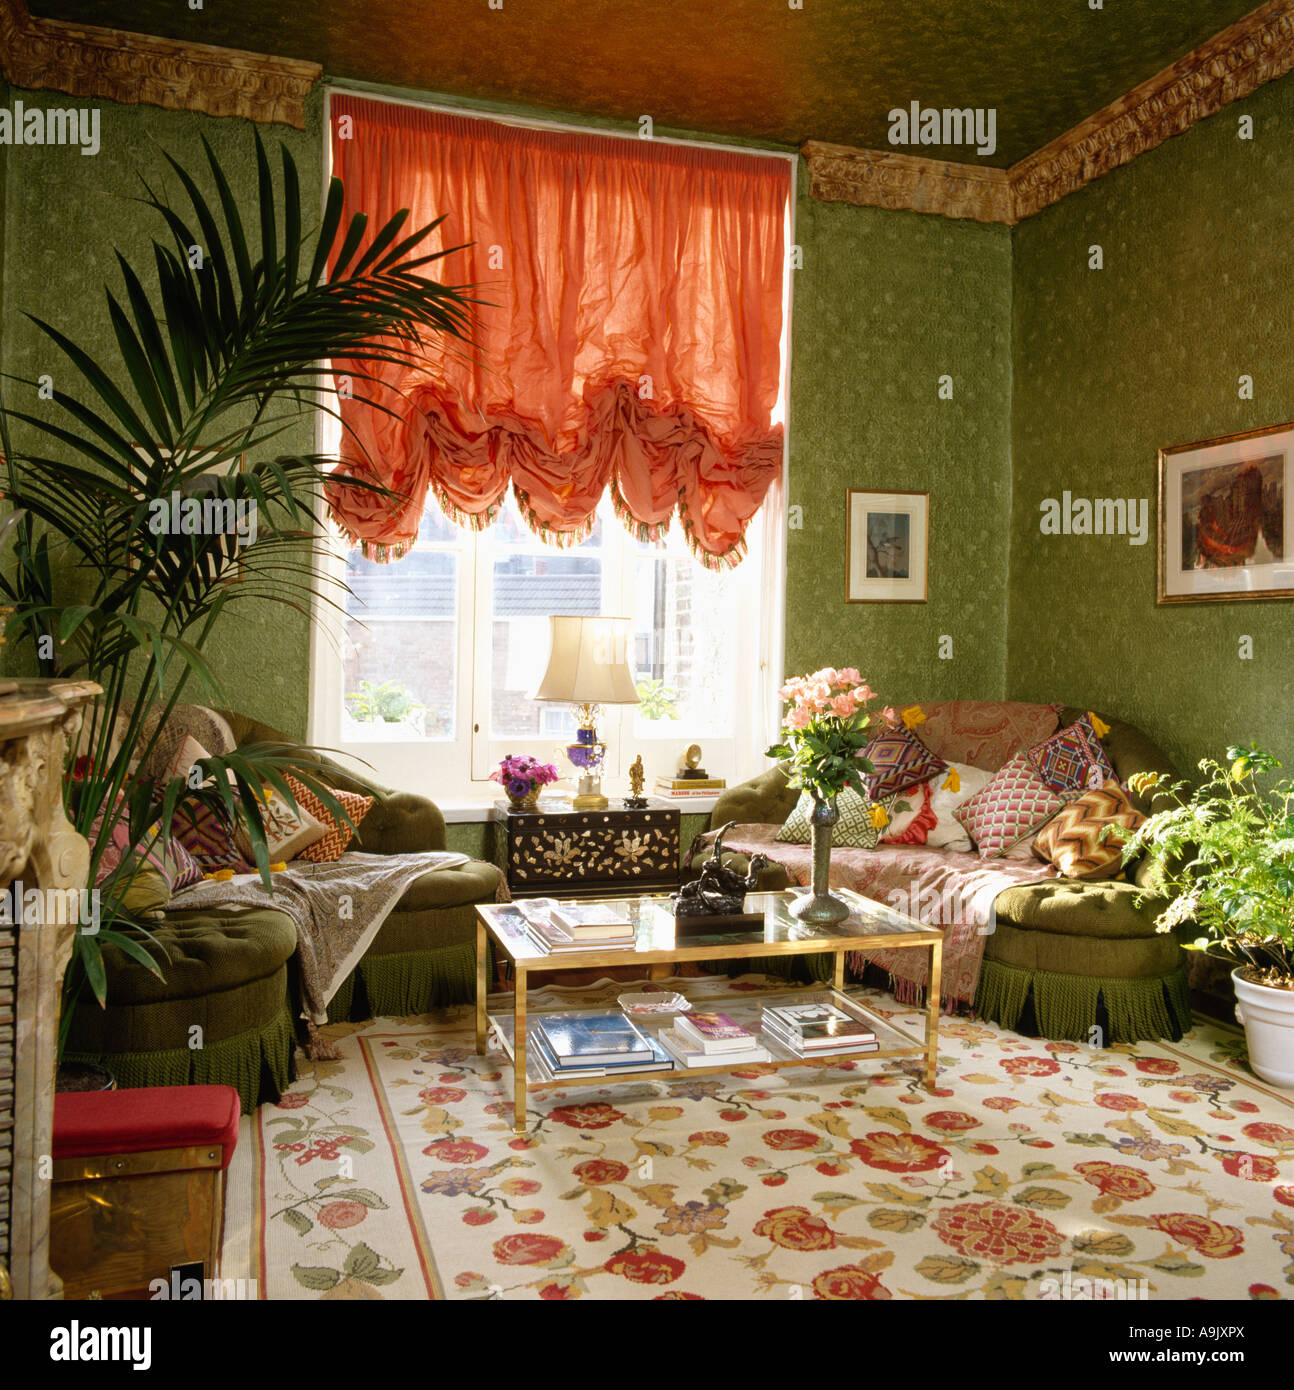 Rote Geraffte Blind In Achtziger Jahre Wohnzimmer Mit Gemusterten Grüne  Tapete Und Rot Und Creme Teppich